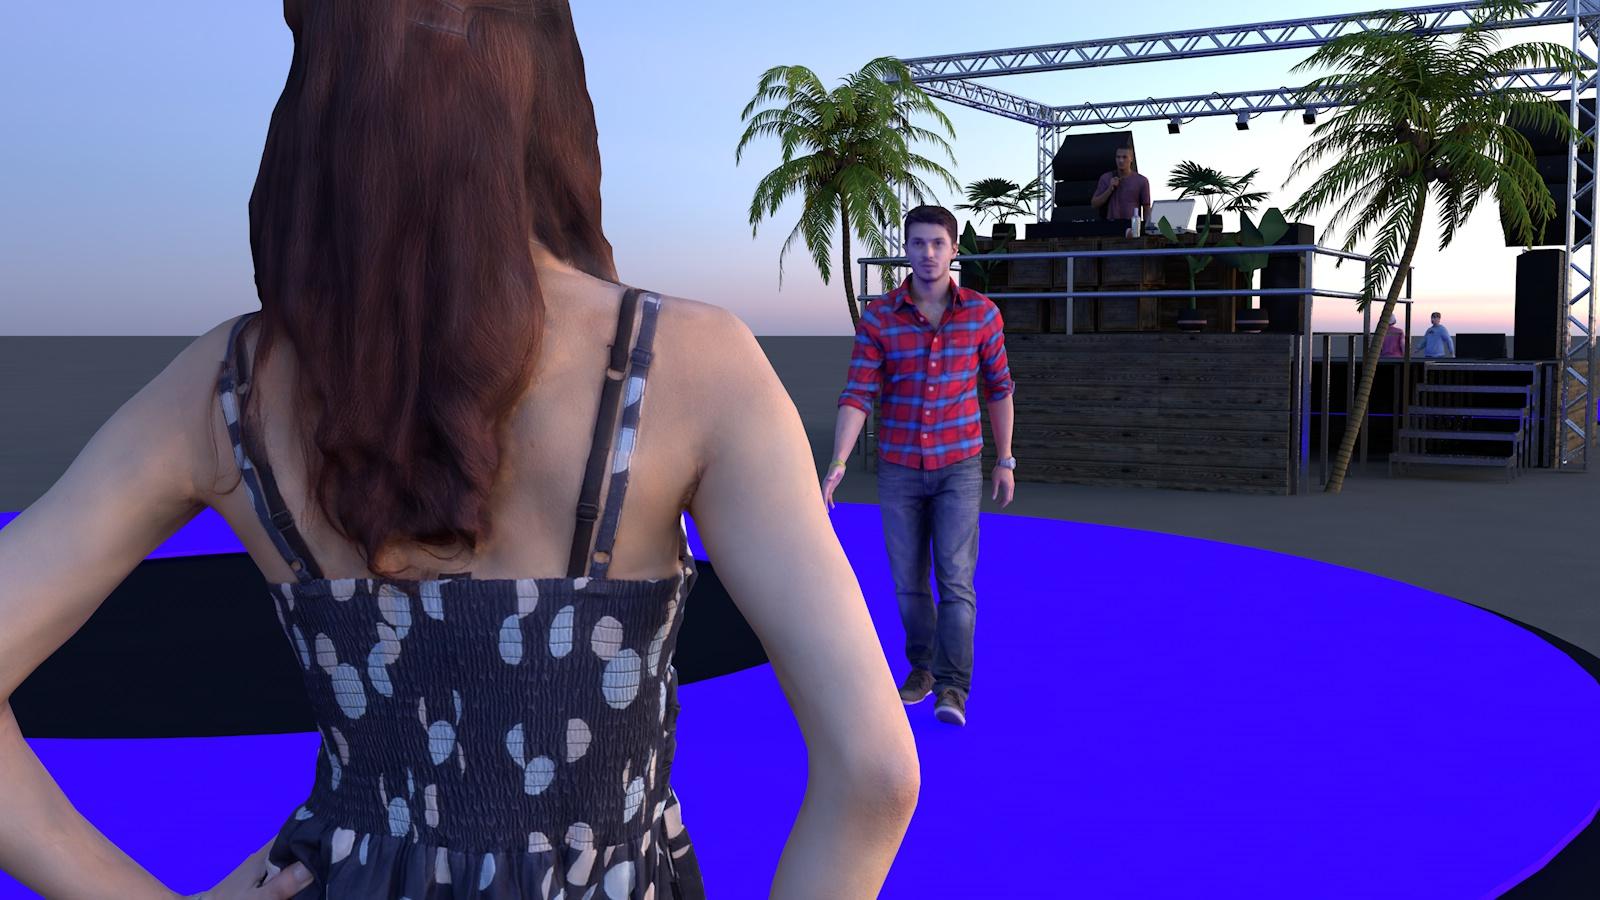 Stage+Dance Floor Render 4.jpg